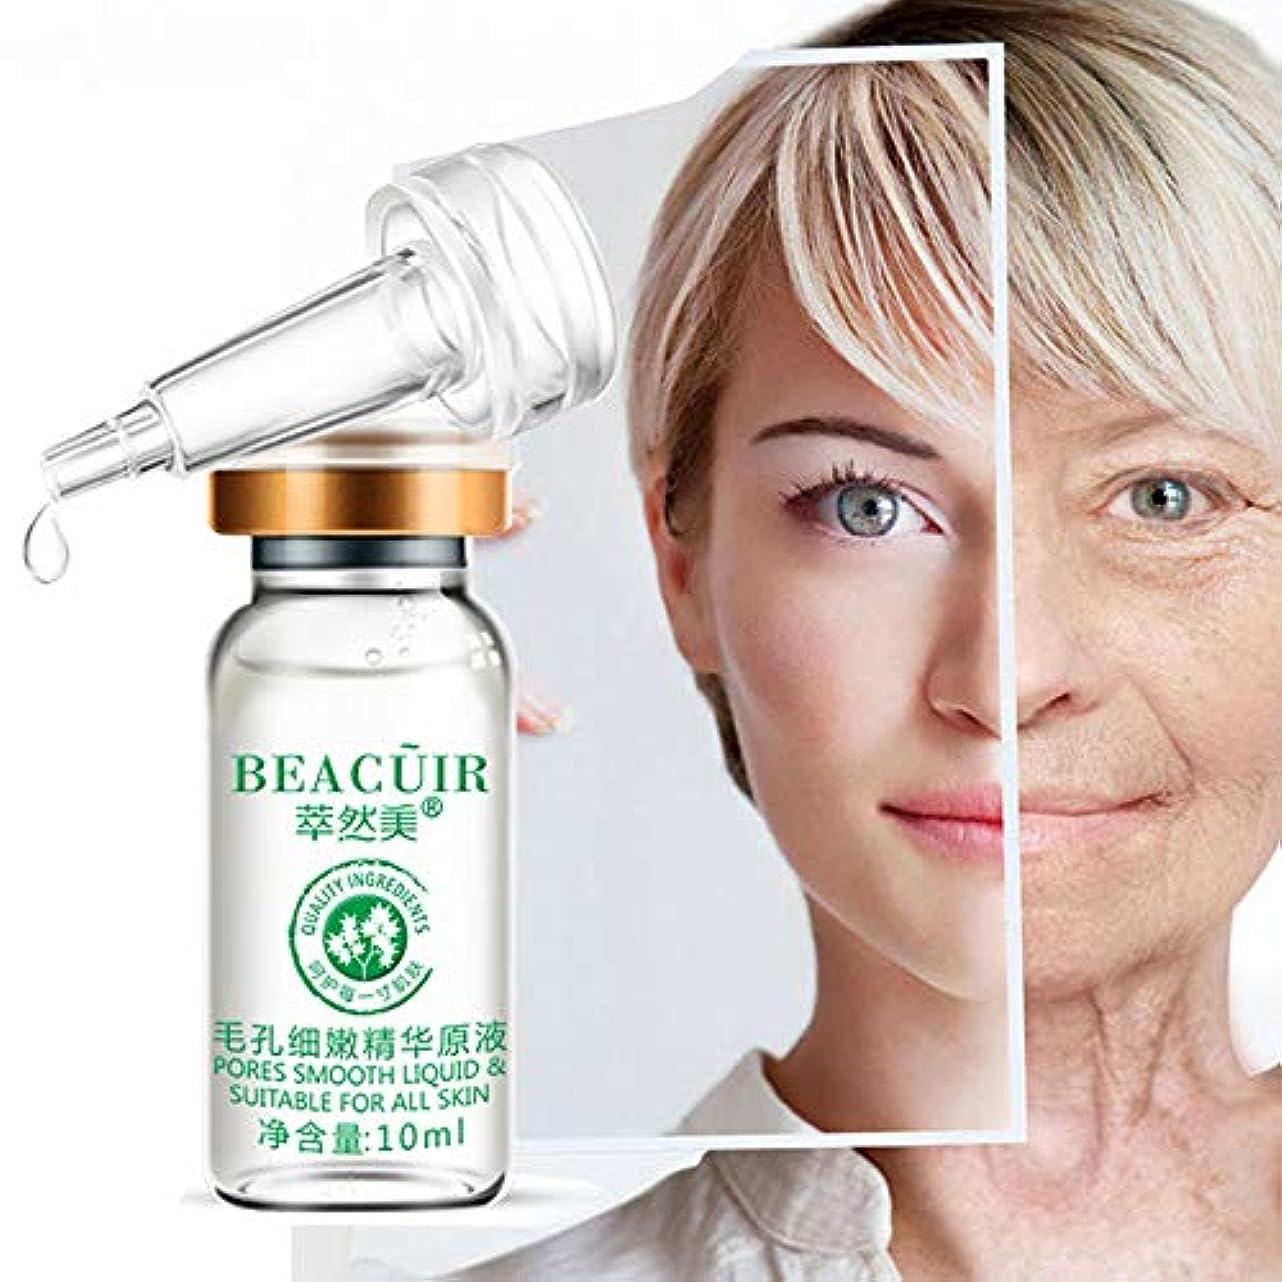 相対サイズ文芸乳白Akane BEACUIR 天然 水分 肌の明るさ 修復 美白 繊細 しわ取り 毛穴縮小 保湿 黒ずみ 角質除去 肌荒れ防止 くすんだ肌を改善し エッセンス 10ml